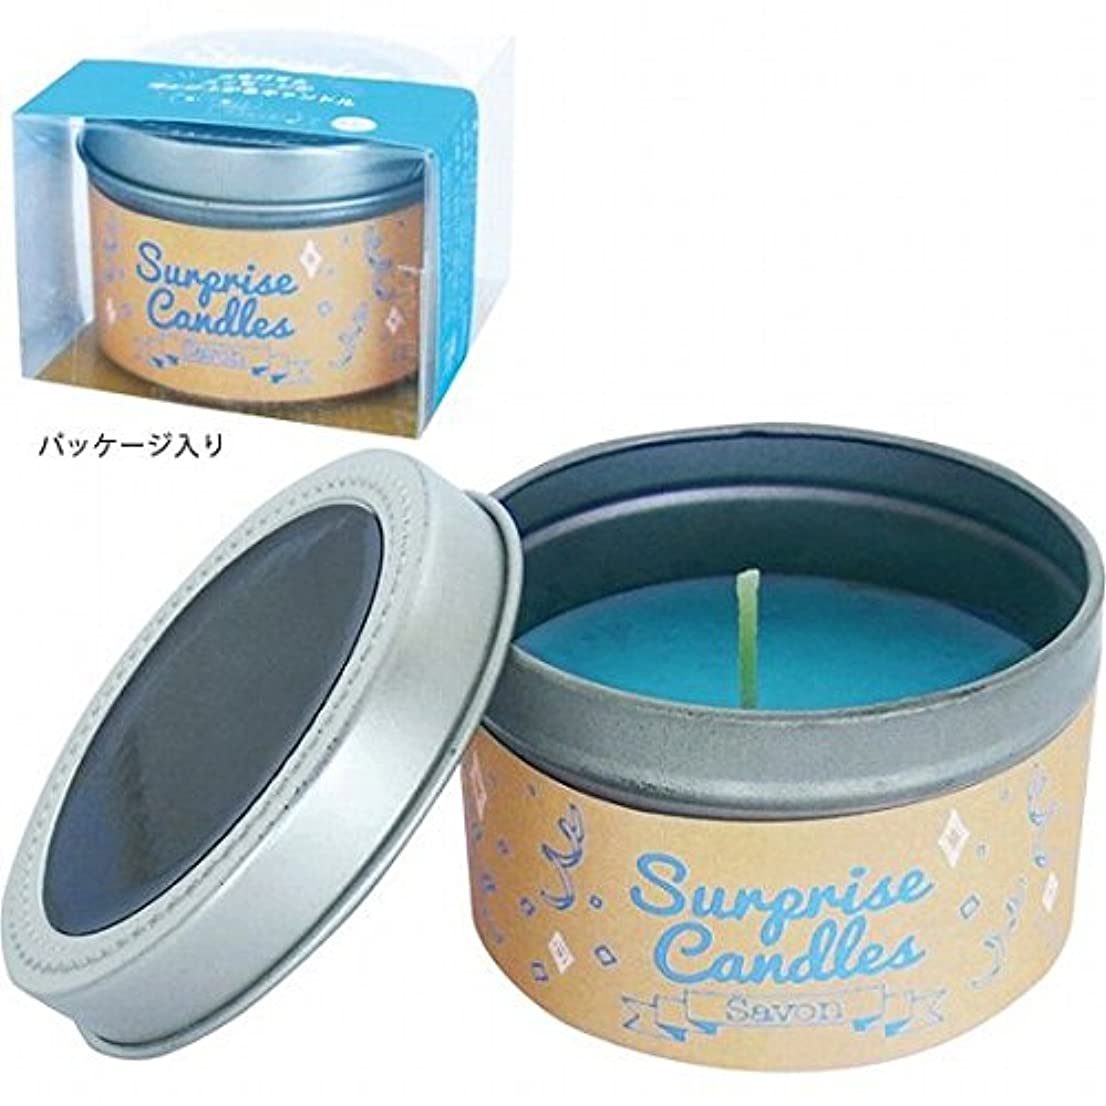 マティスアパート悩むkameyama candle(カメヤマキャンドル) サプライズキャンドル 「サボン」(A207005030)